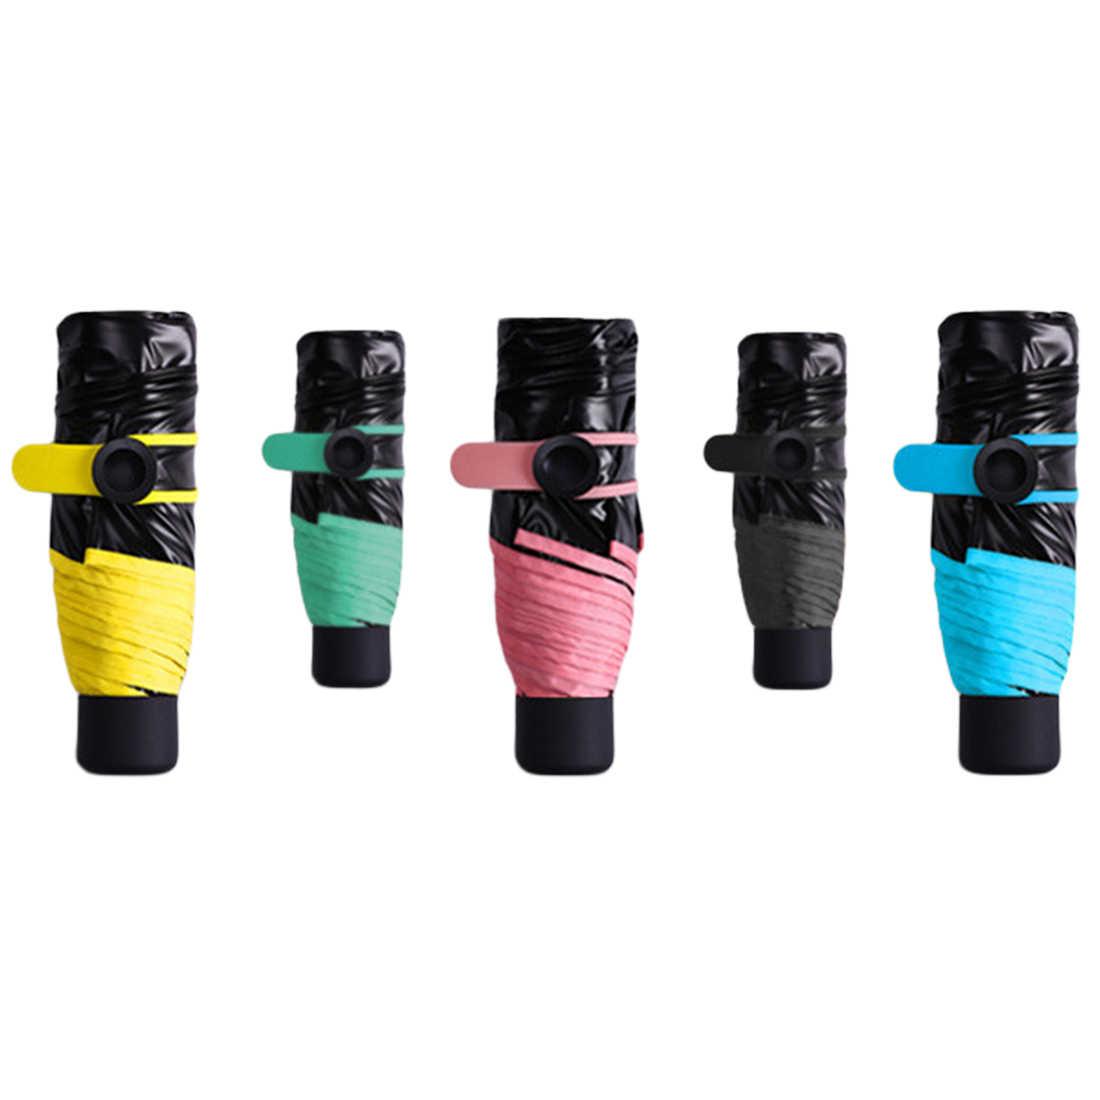 5 складной зонтик двойной слой перевернутый Ветрозащитный зонты для женщин дамы